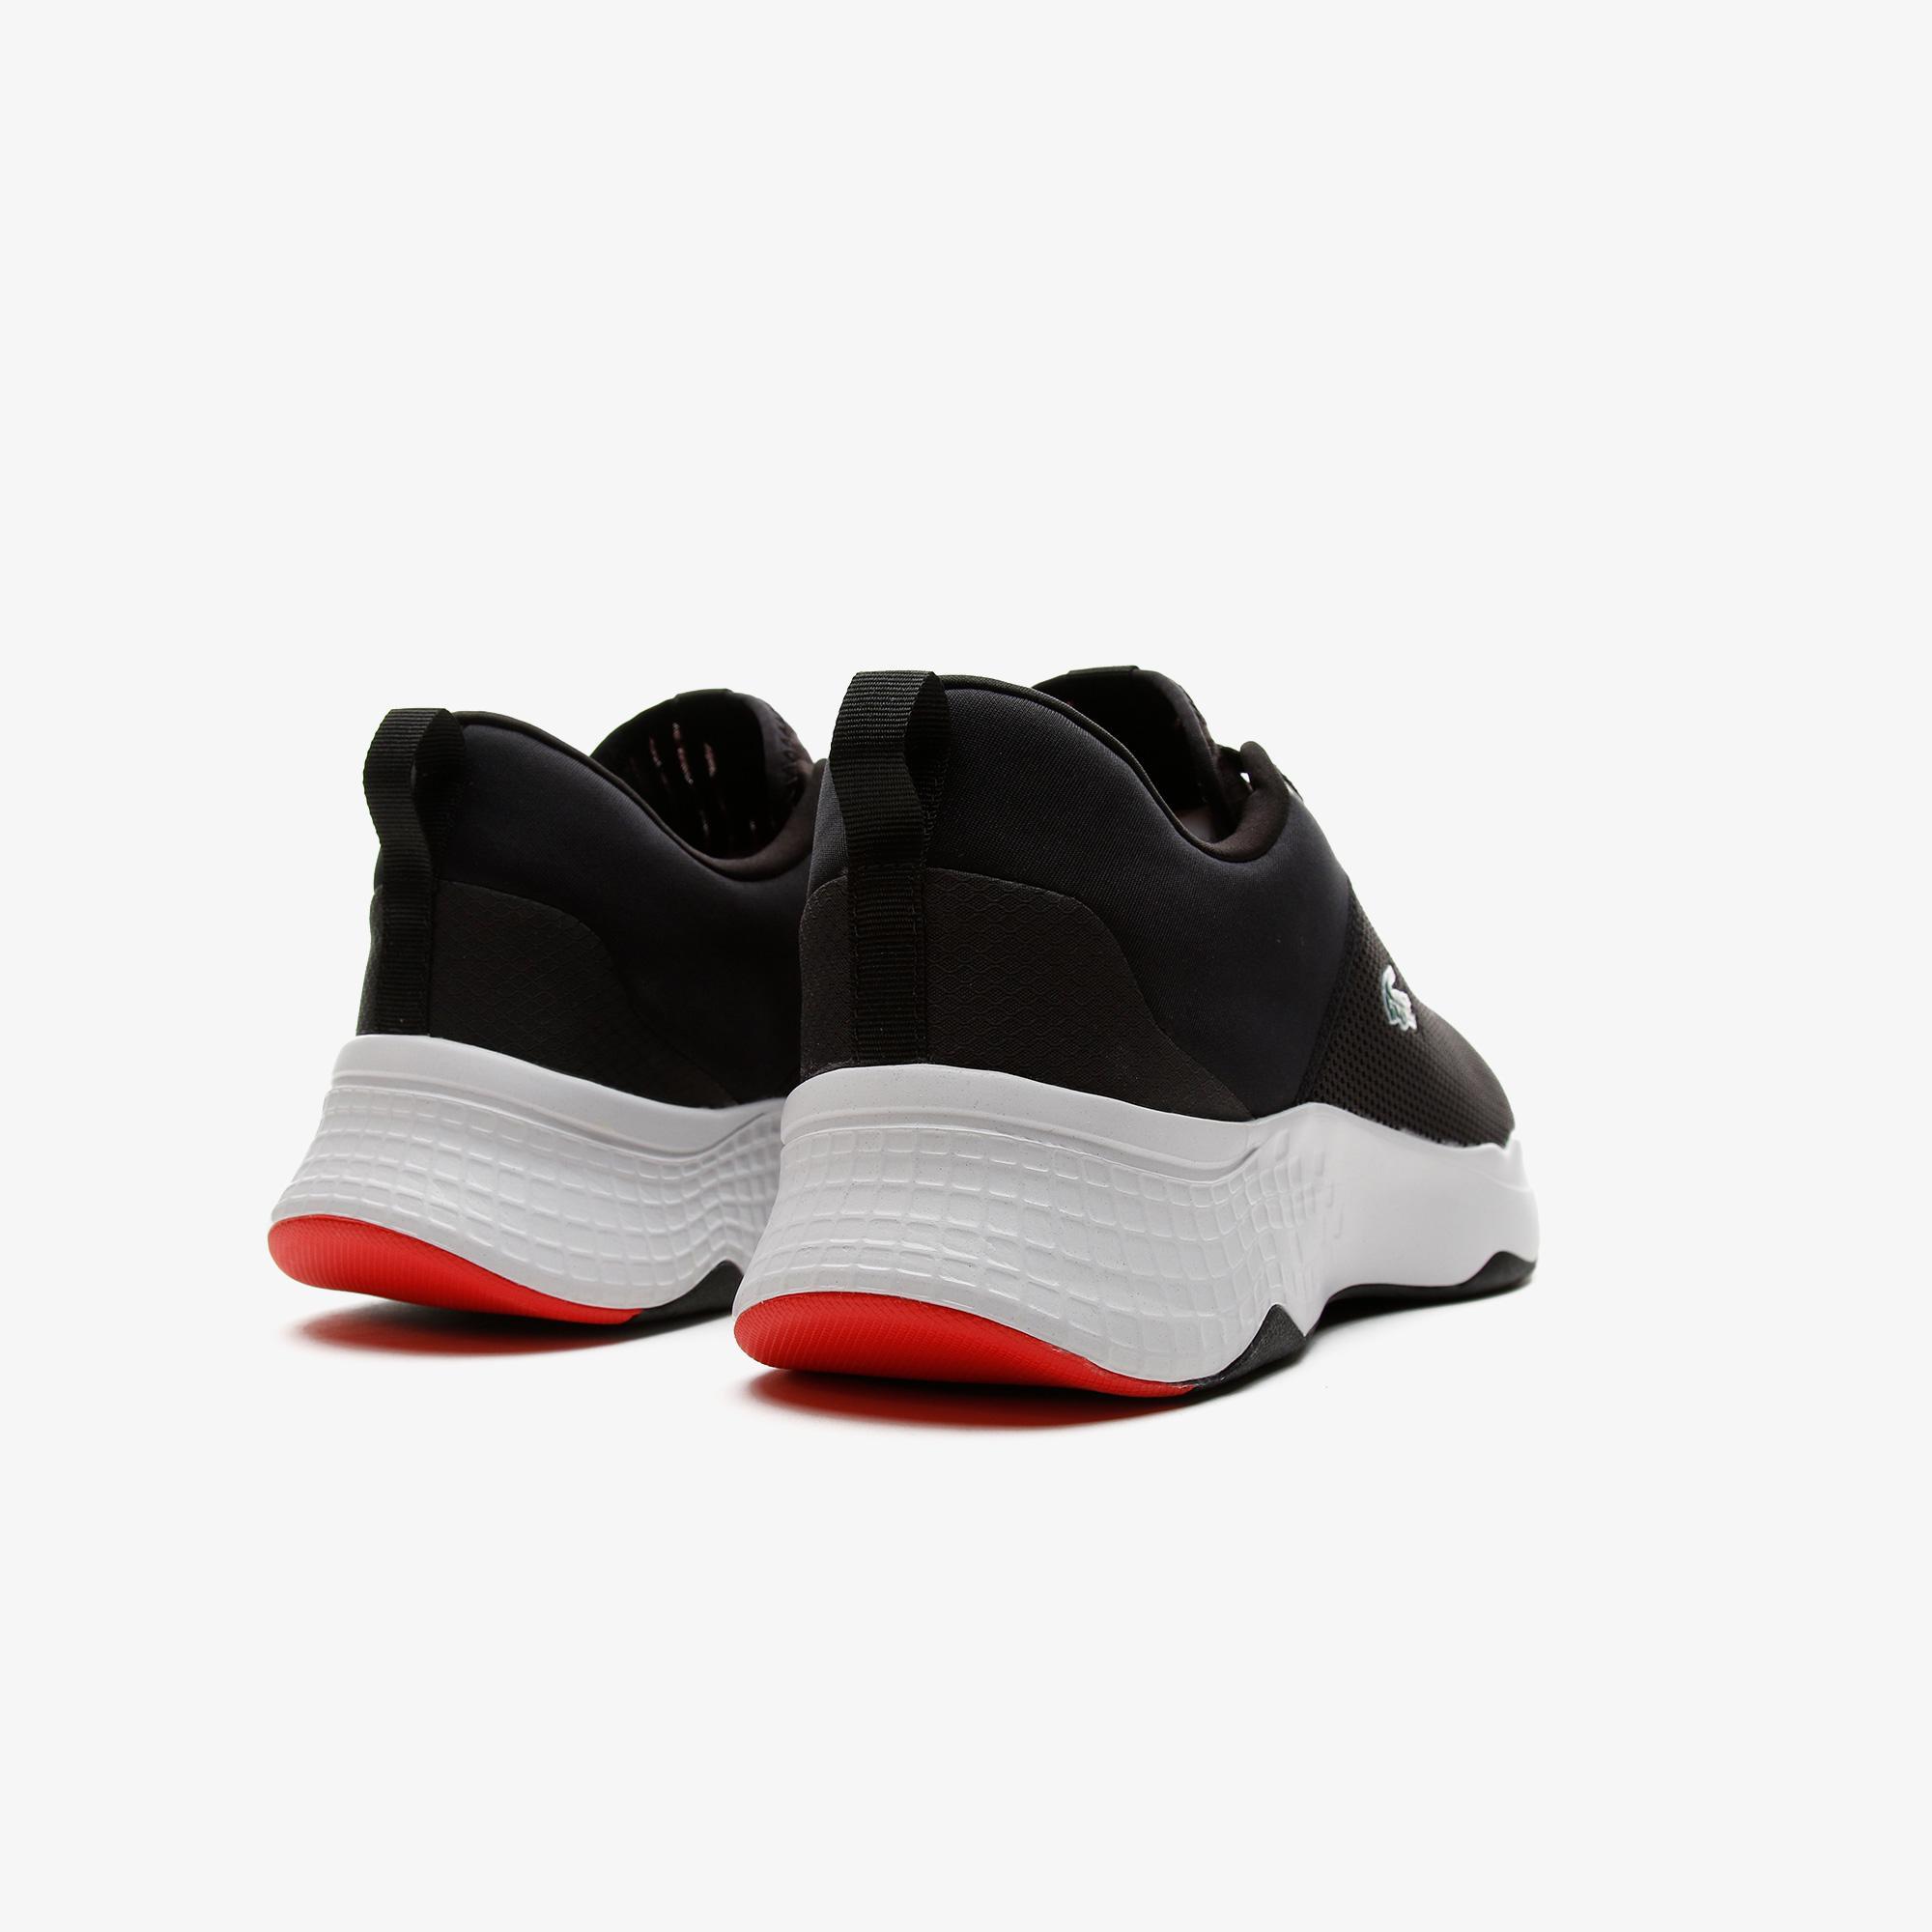 Lacoste Court-Drive 0721 1 Sma Erkek Siyah - Kırmızı Sneaker